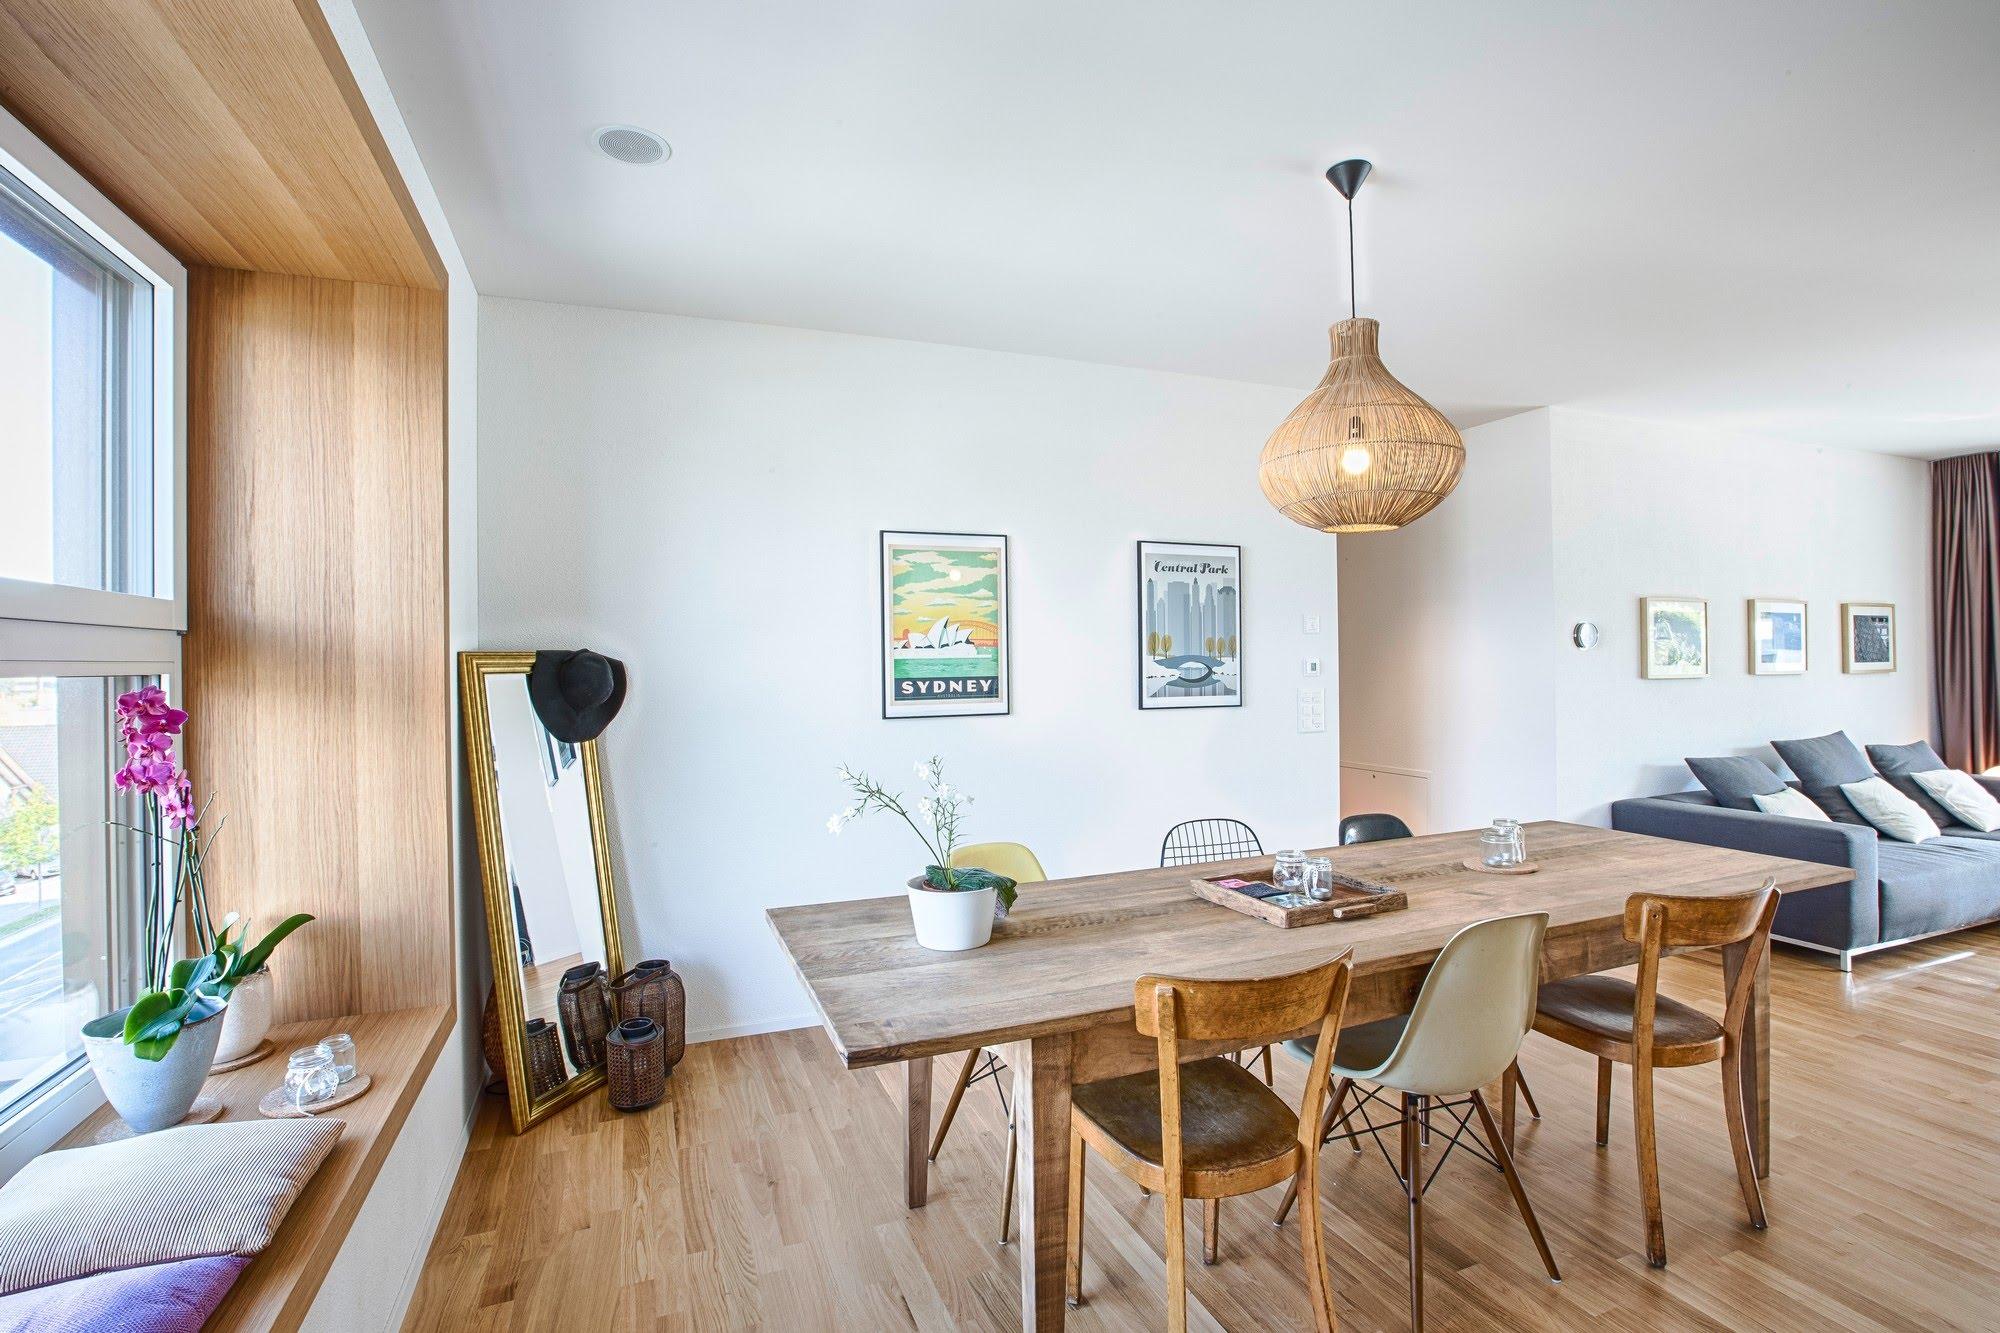 Wohnen MFH MFH Chotte in Mauensee Architektur,Wohnungsbau,Wohnhäuser,Einfamilienhäuser,Mehrfamilienhäuser